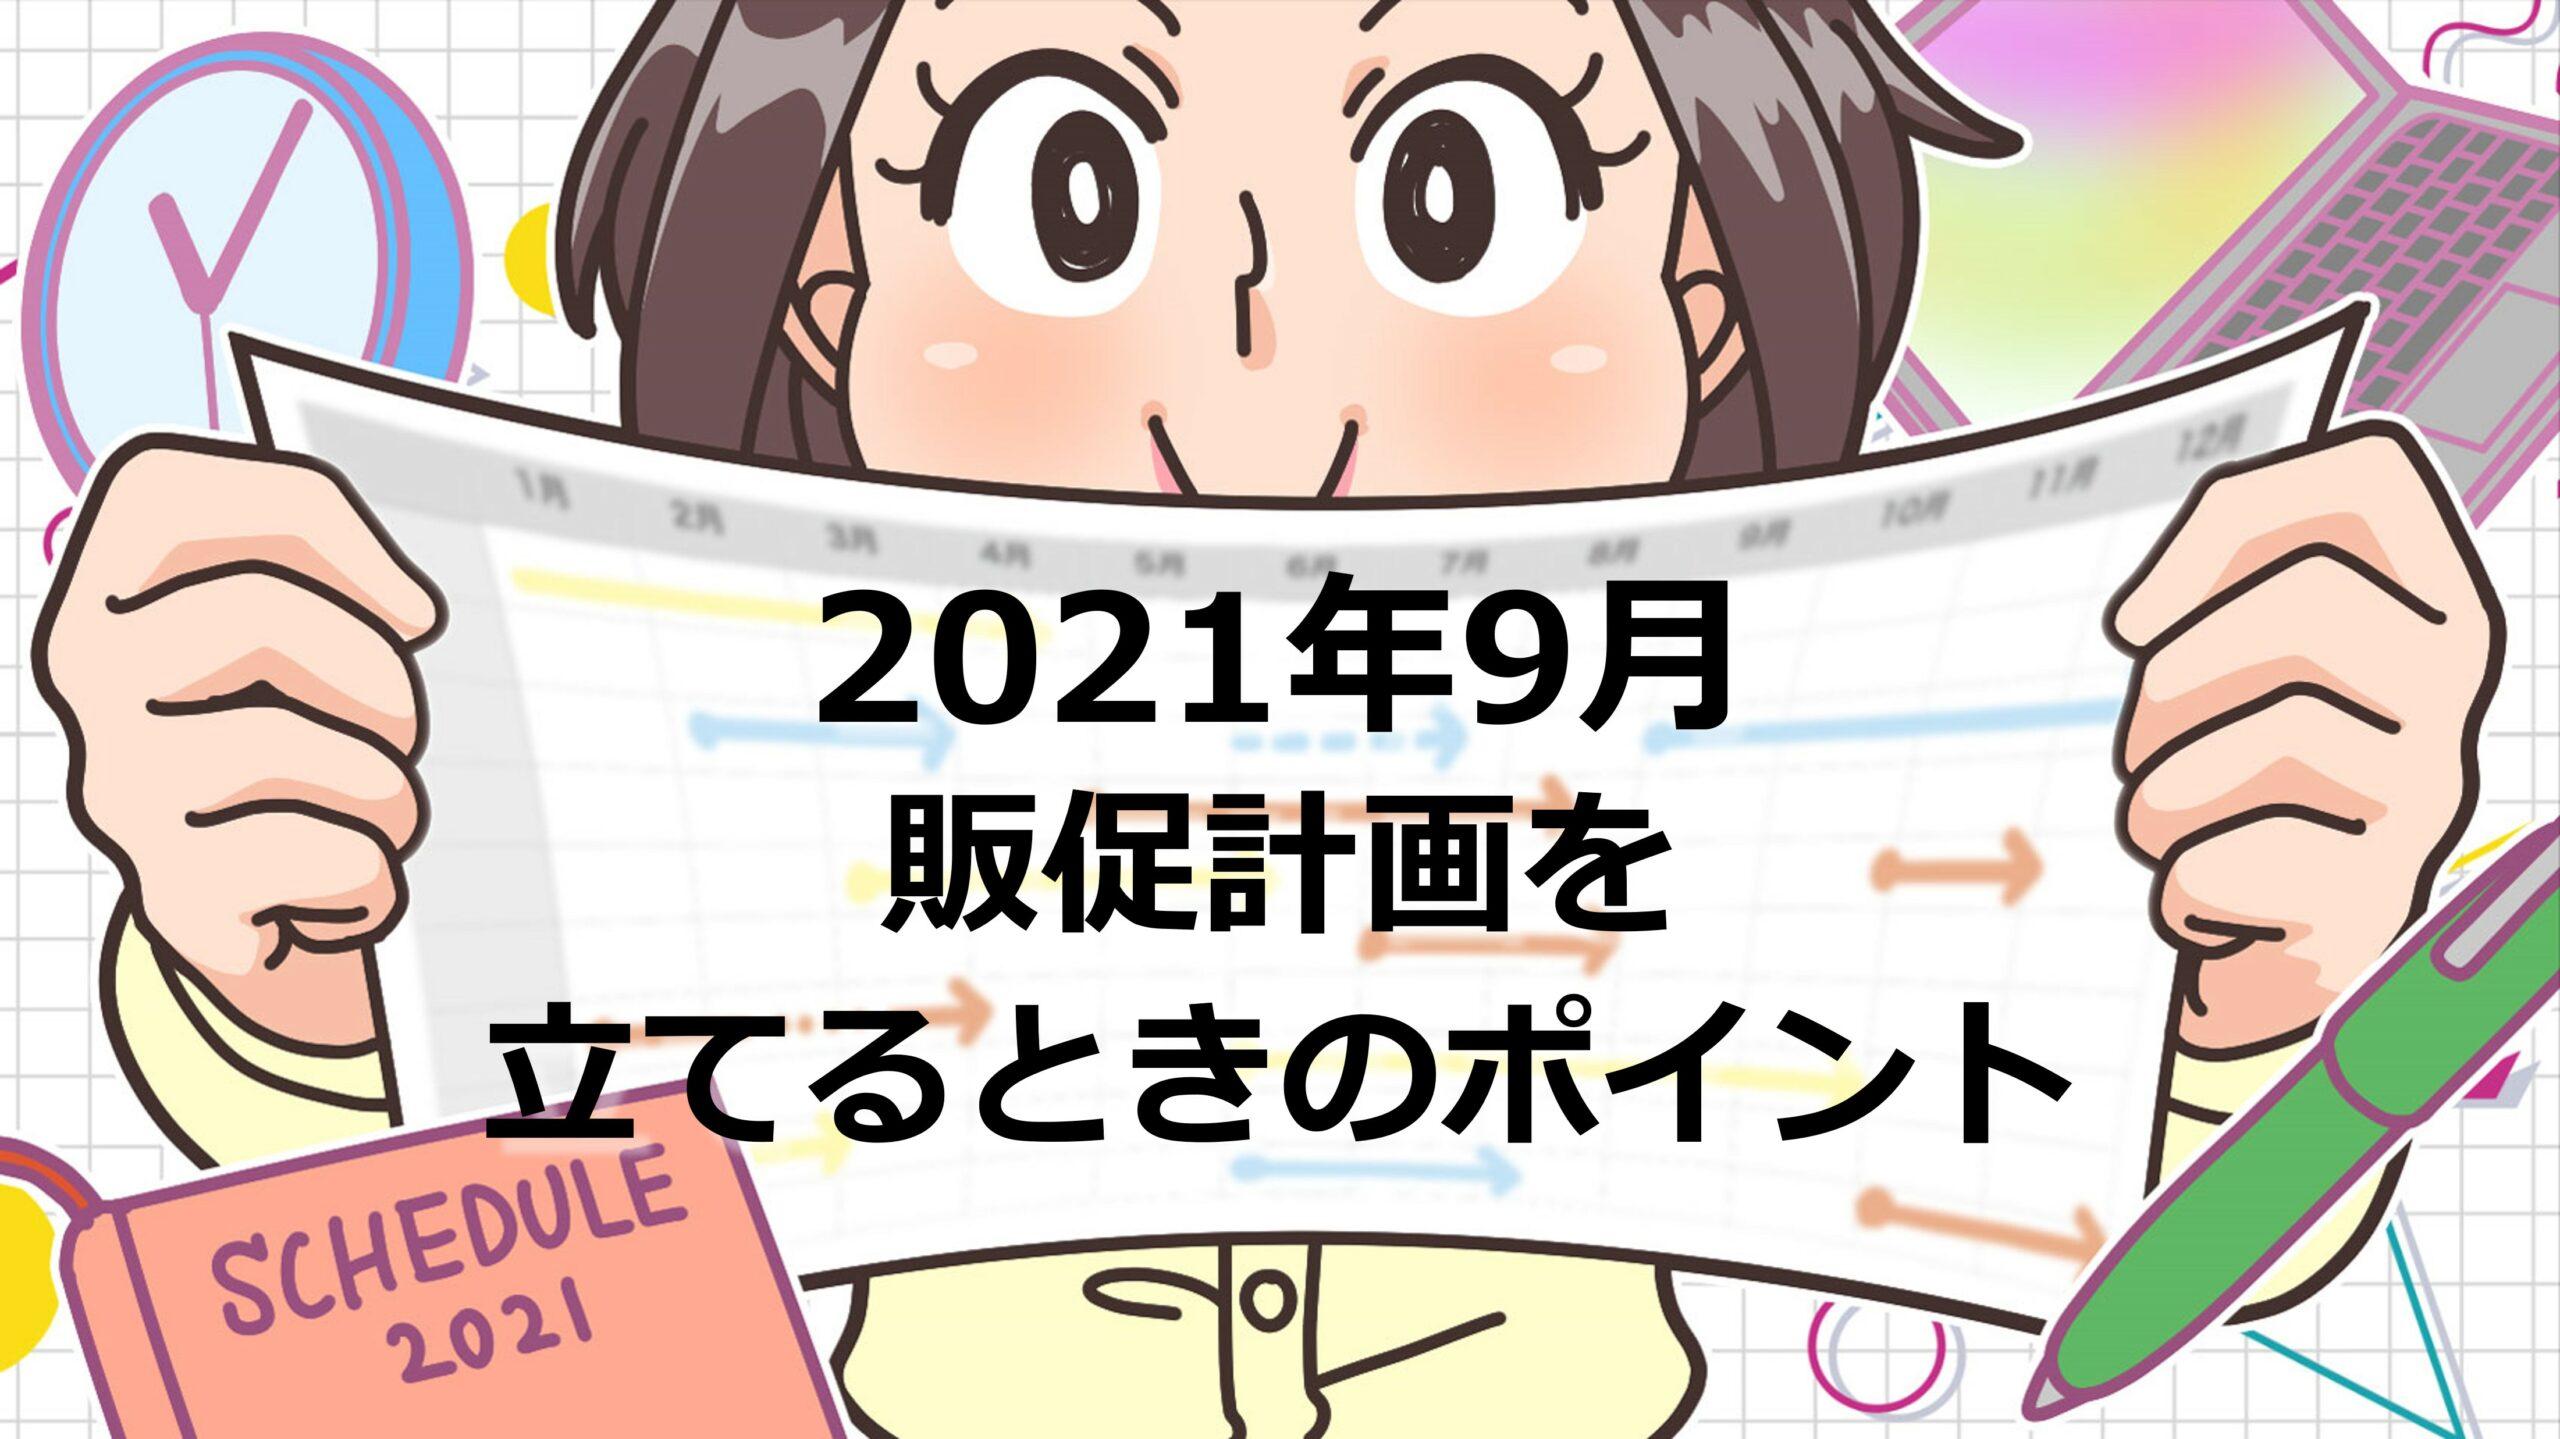 2021年9月の販促計画を立てるときのポイント